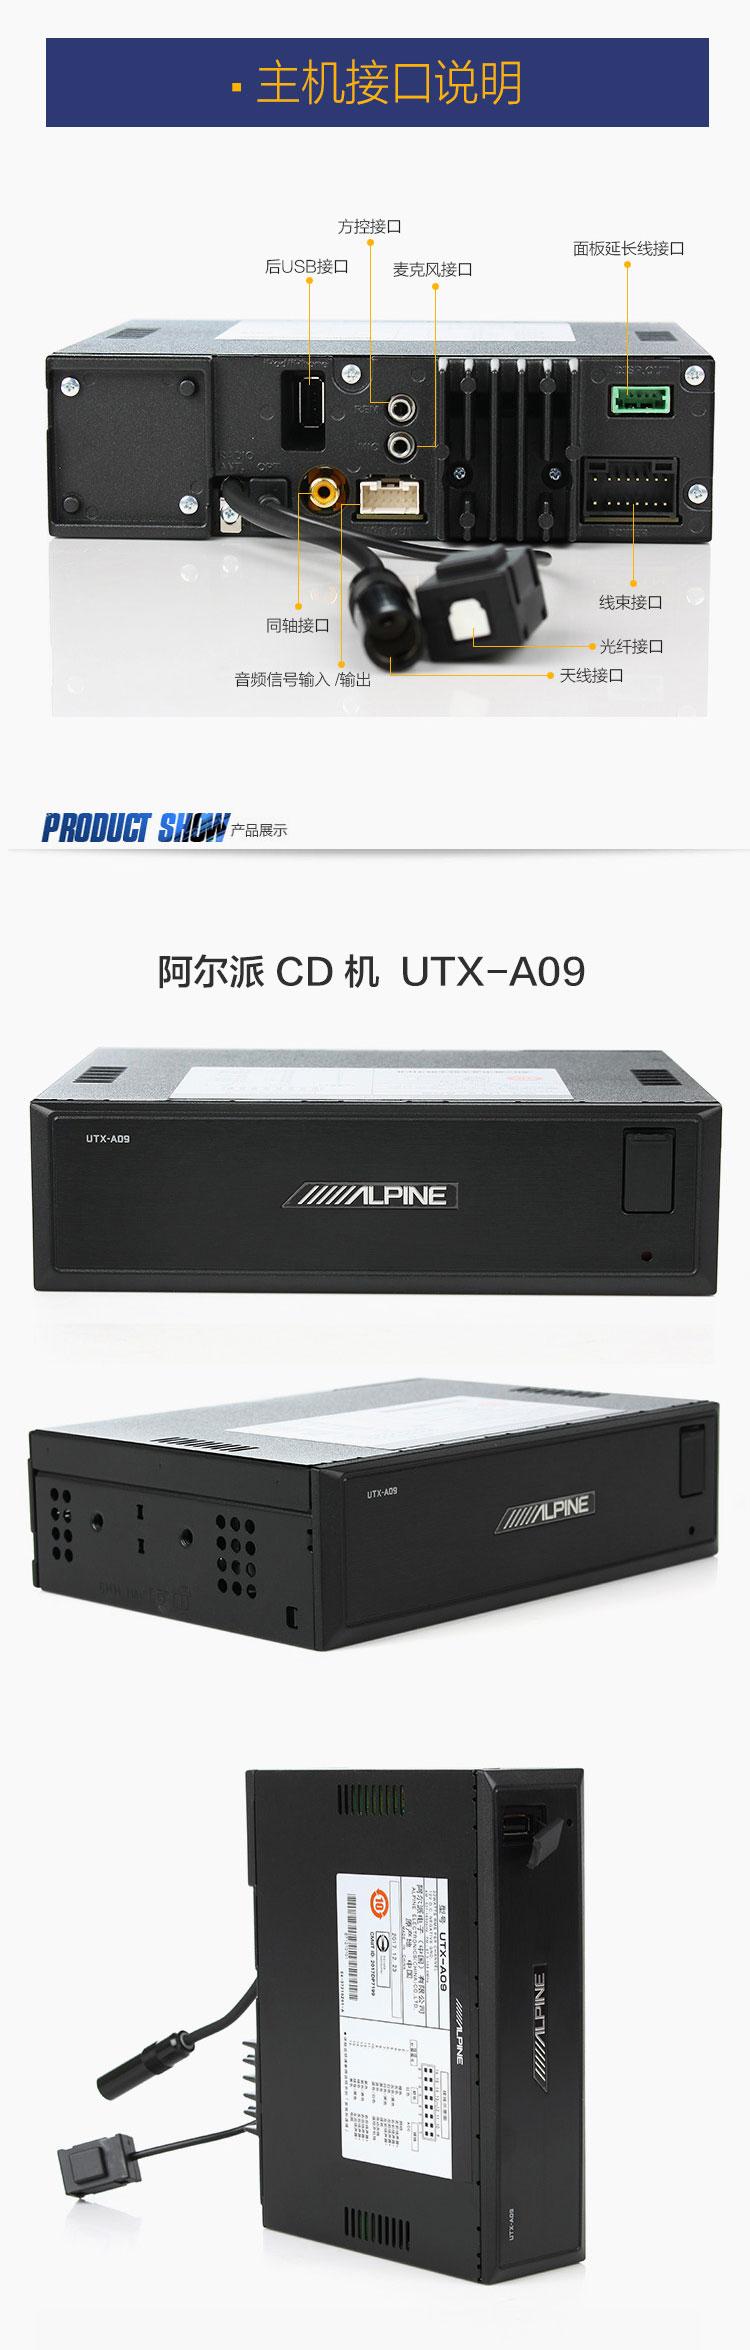 阿尔派UTX-A09